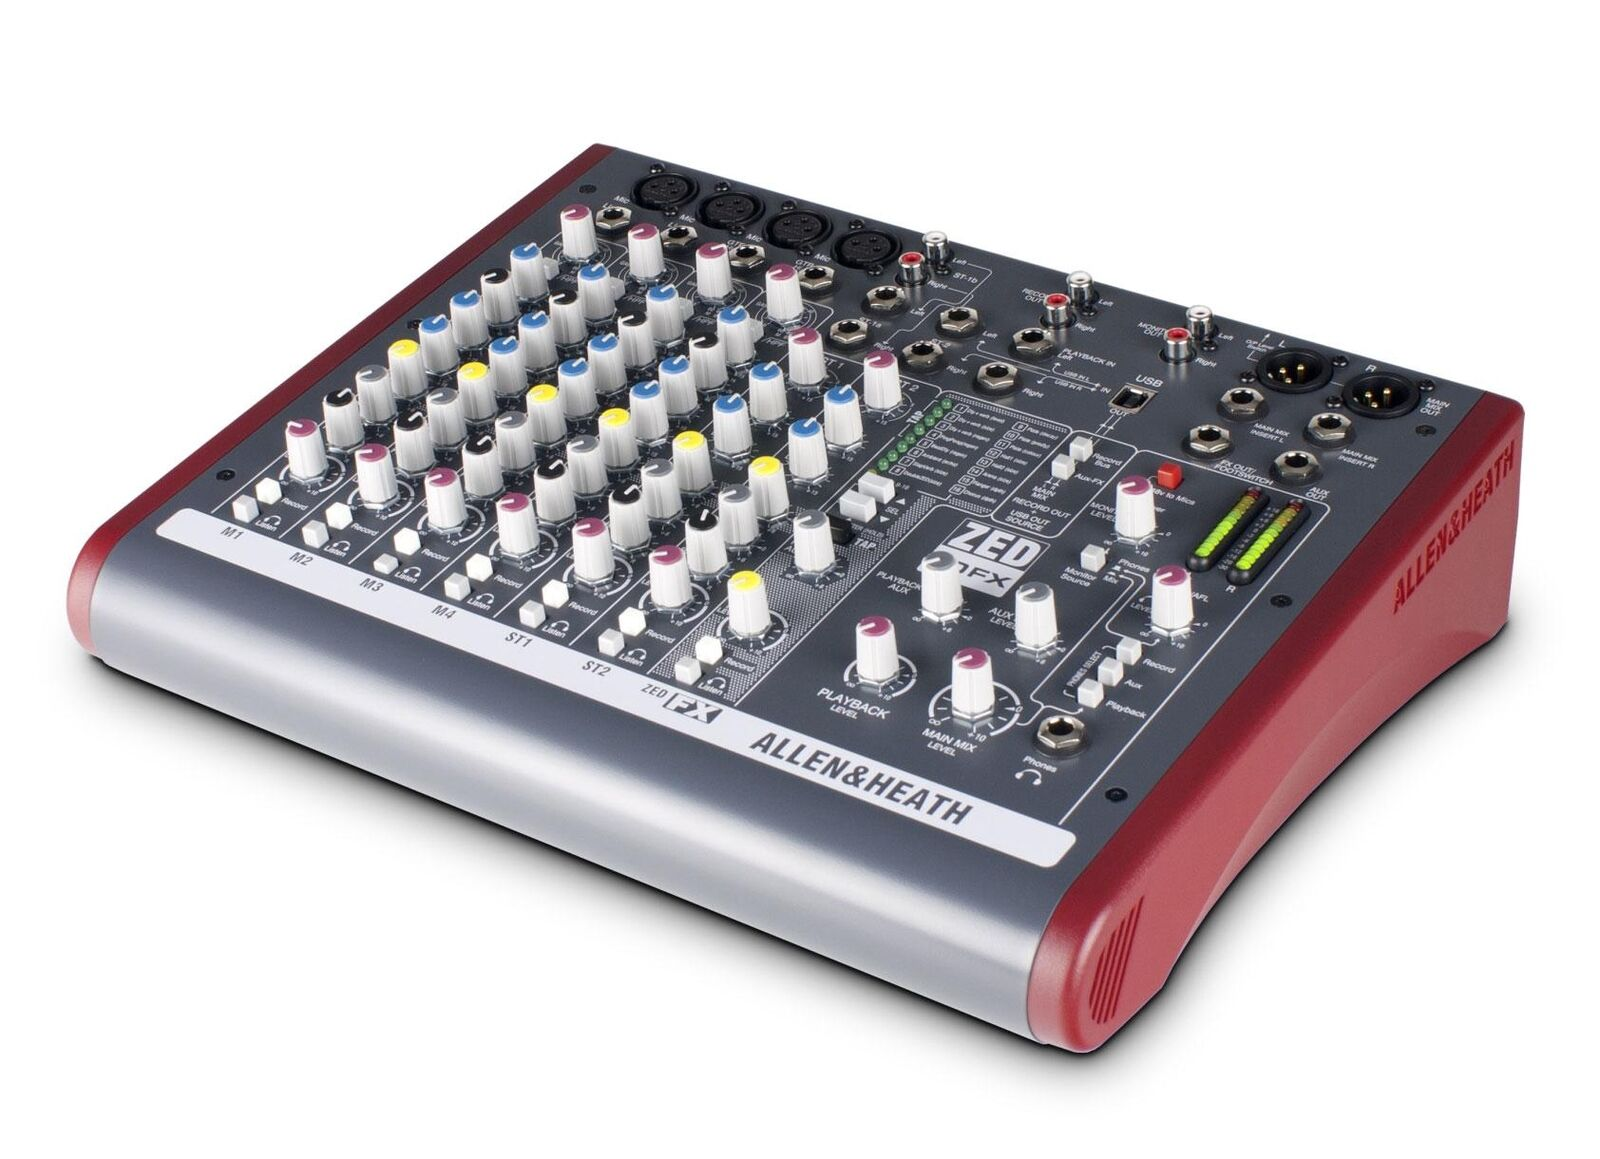 Top Allen & Heath zed-10fx 6 canali Mixer per stage e studio con effetti